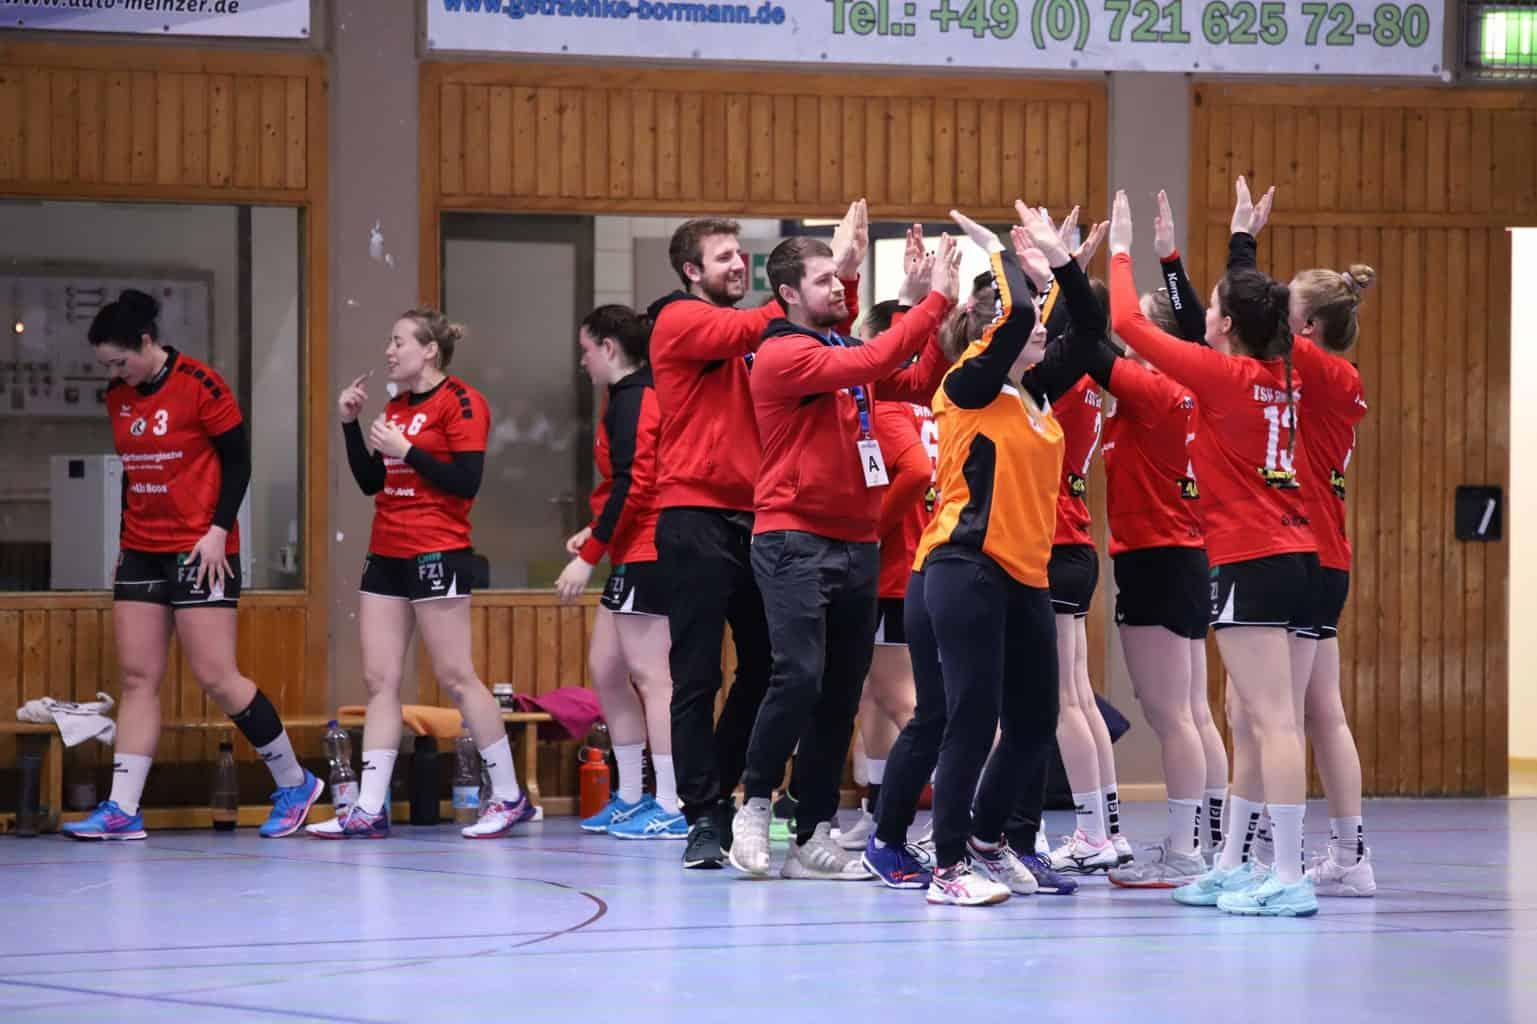 Tsv Rintheim Handball